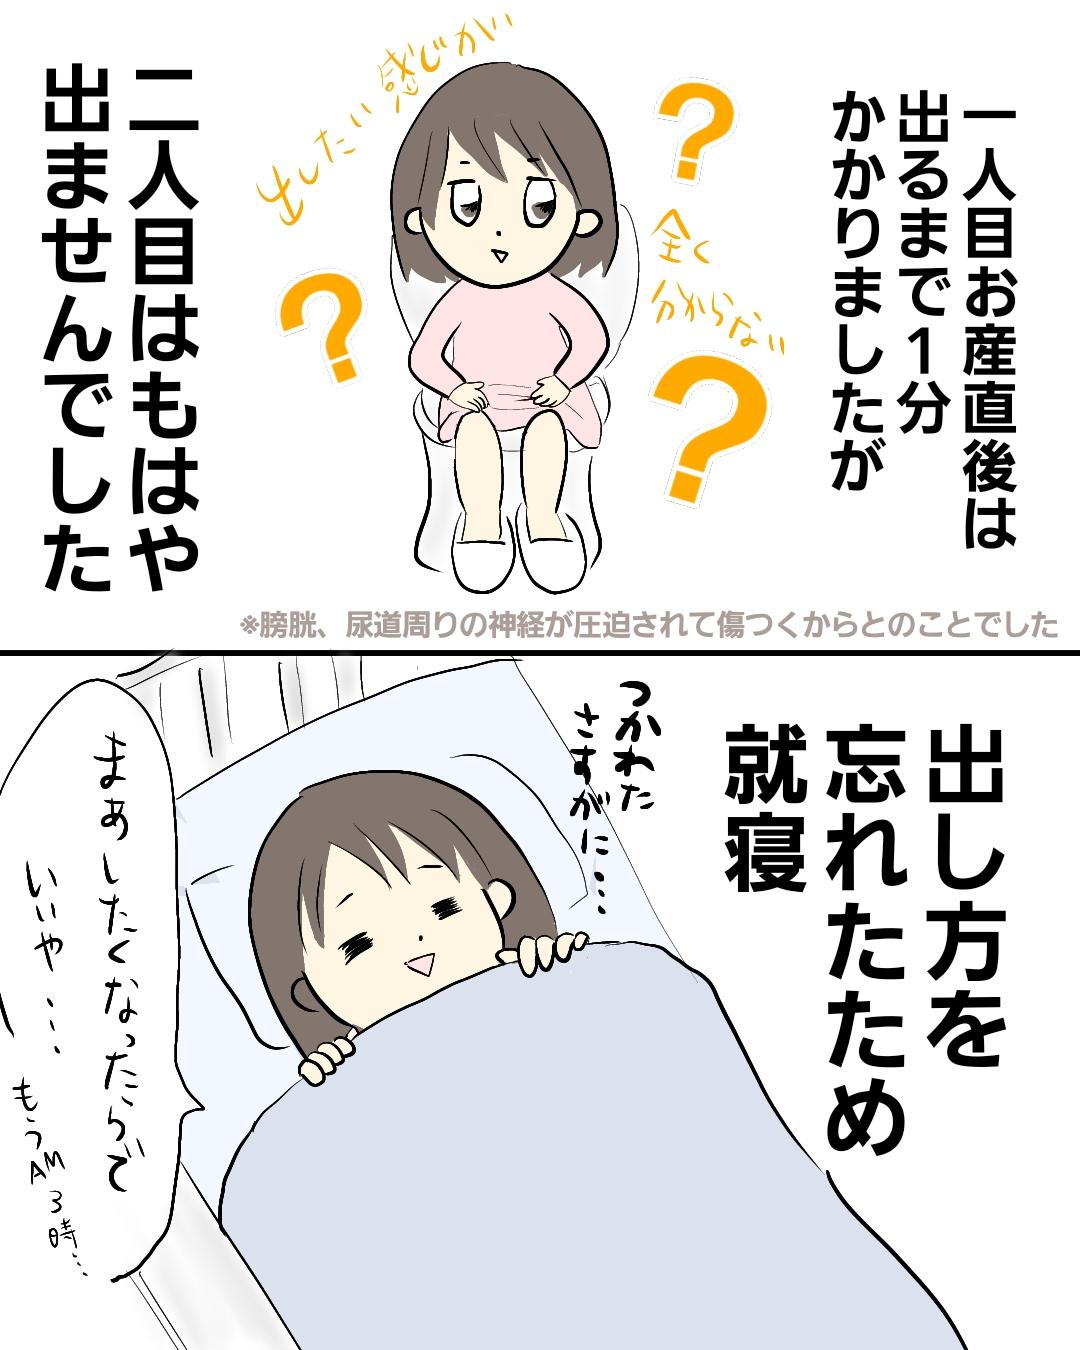 「あ~っ!止まらない!?」出産後トイレに行かず就寝。その結果…?